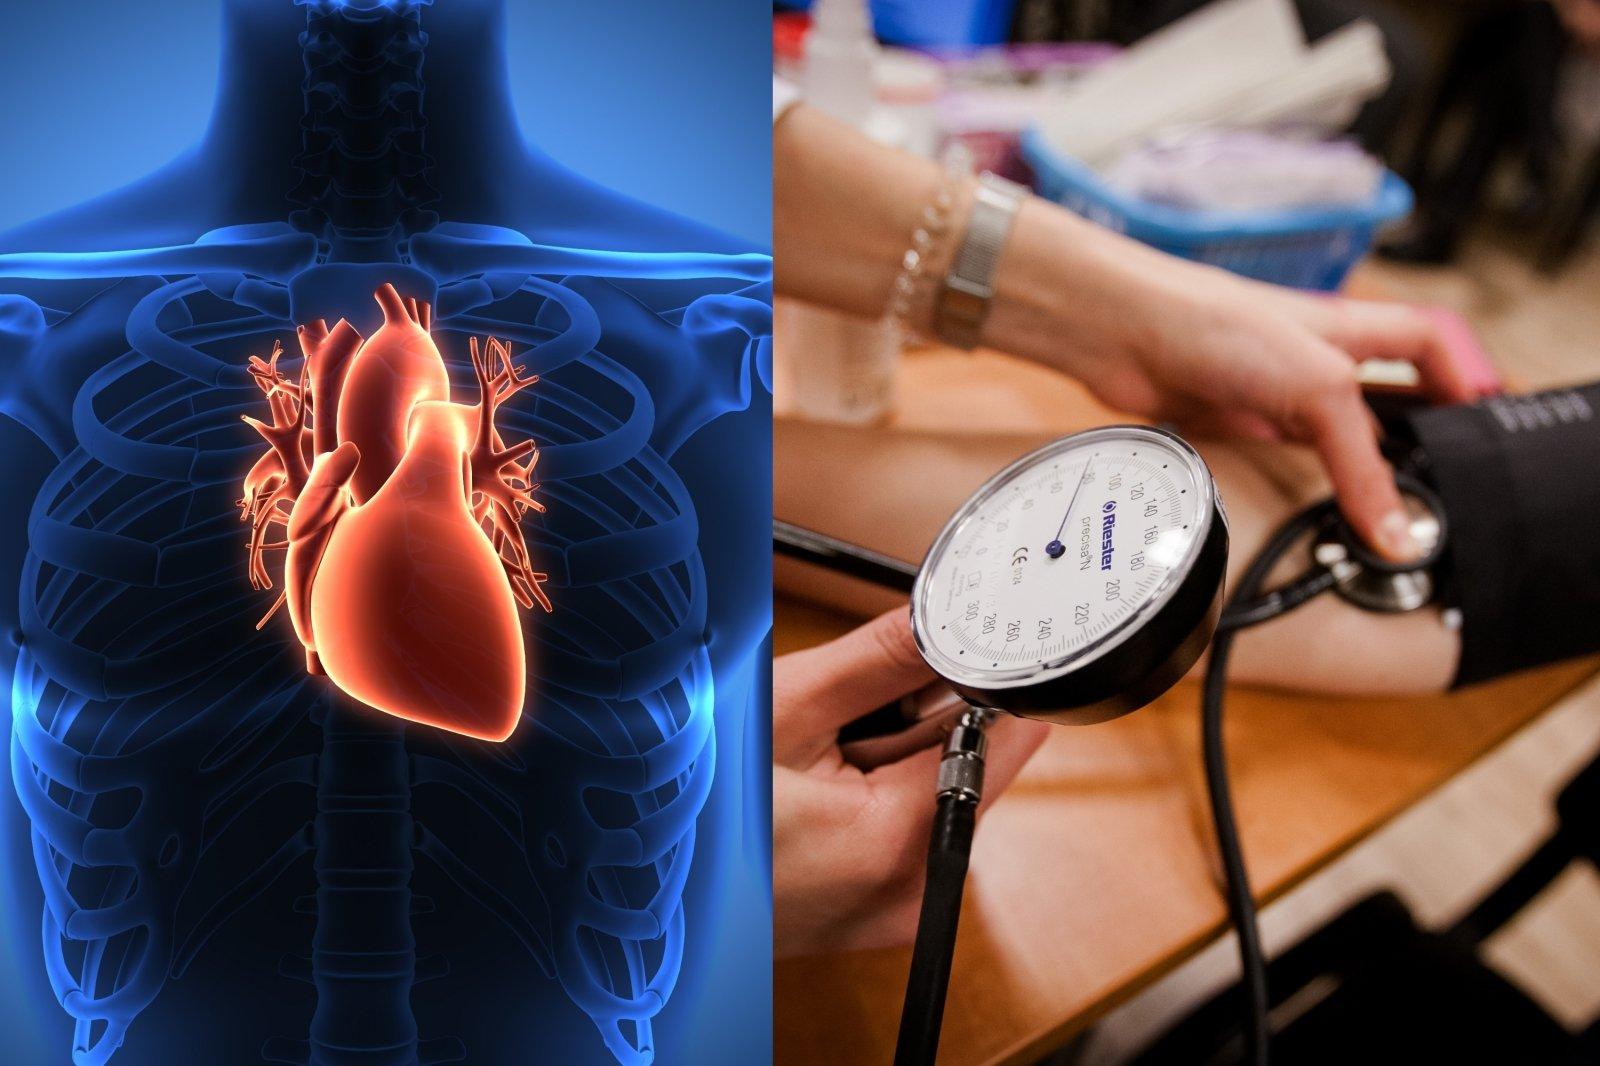 ką naudinga daryti su hipertenzija